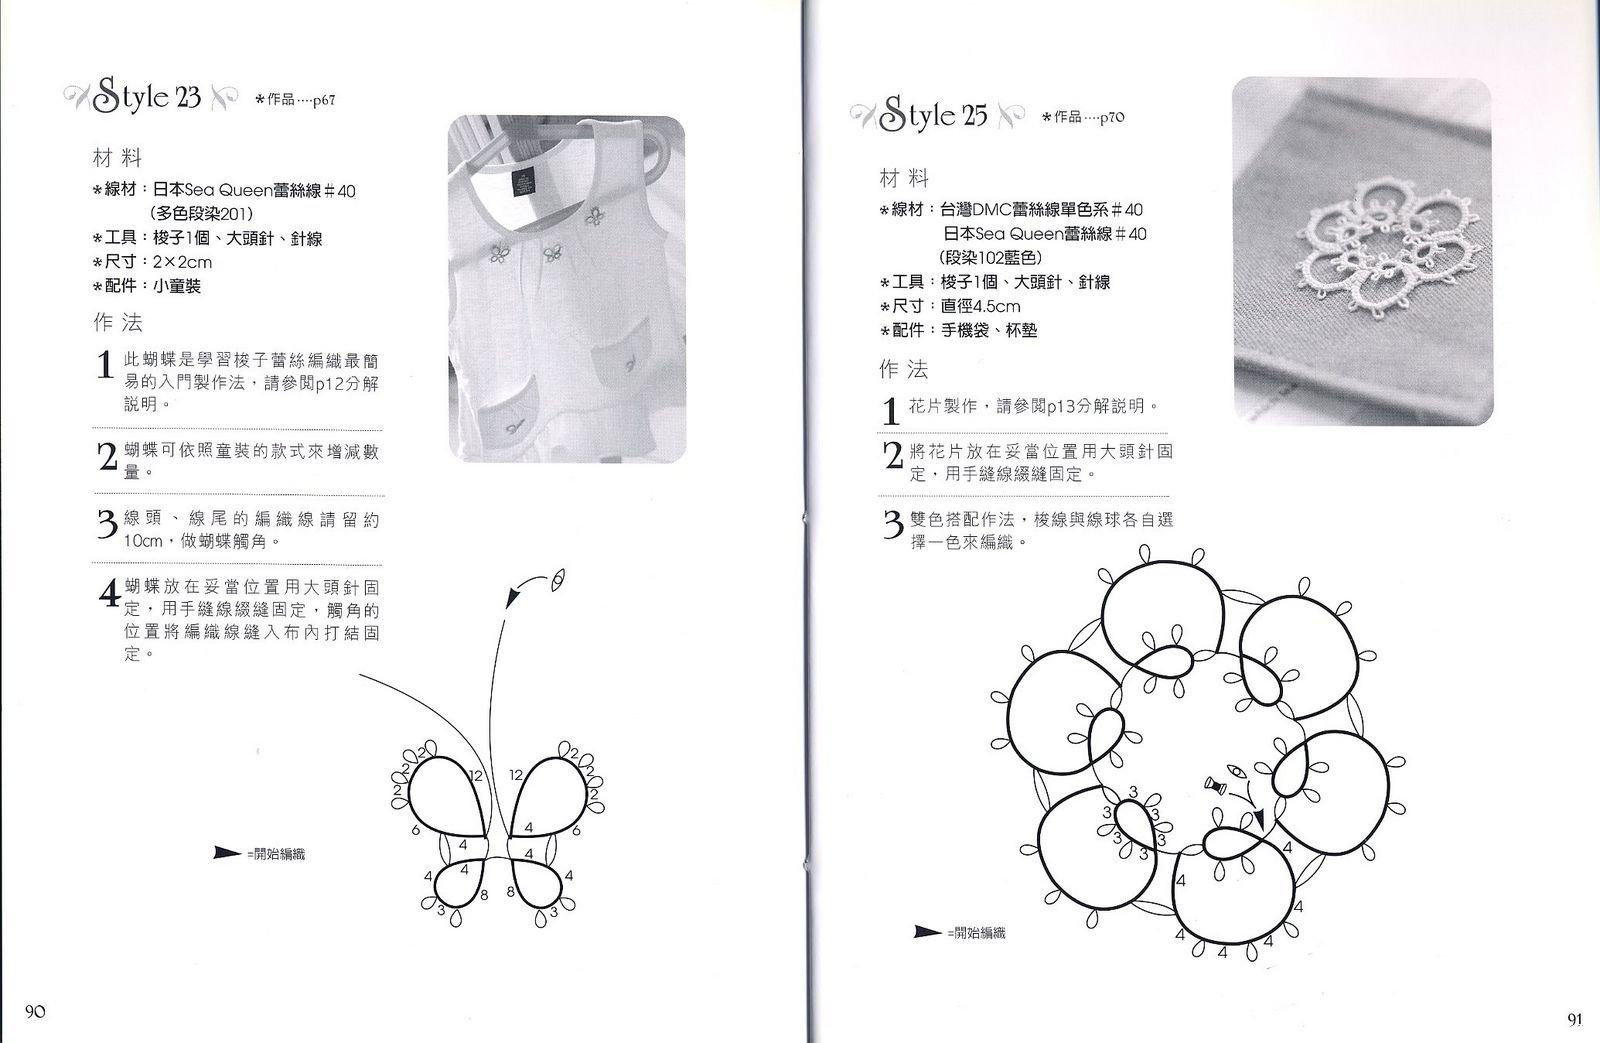 90-91.jpg